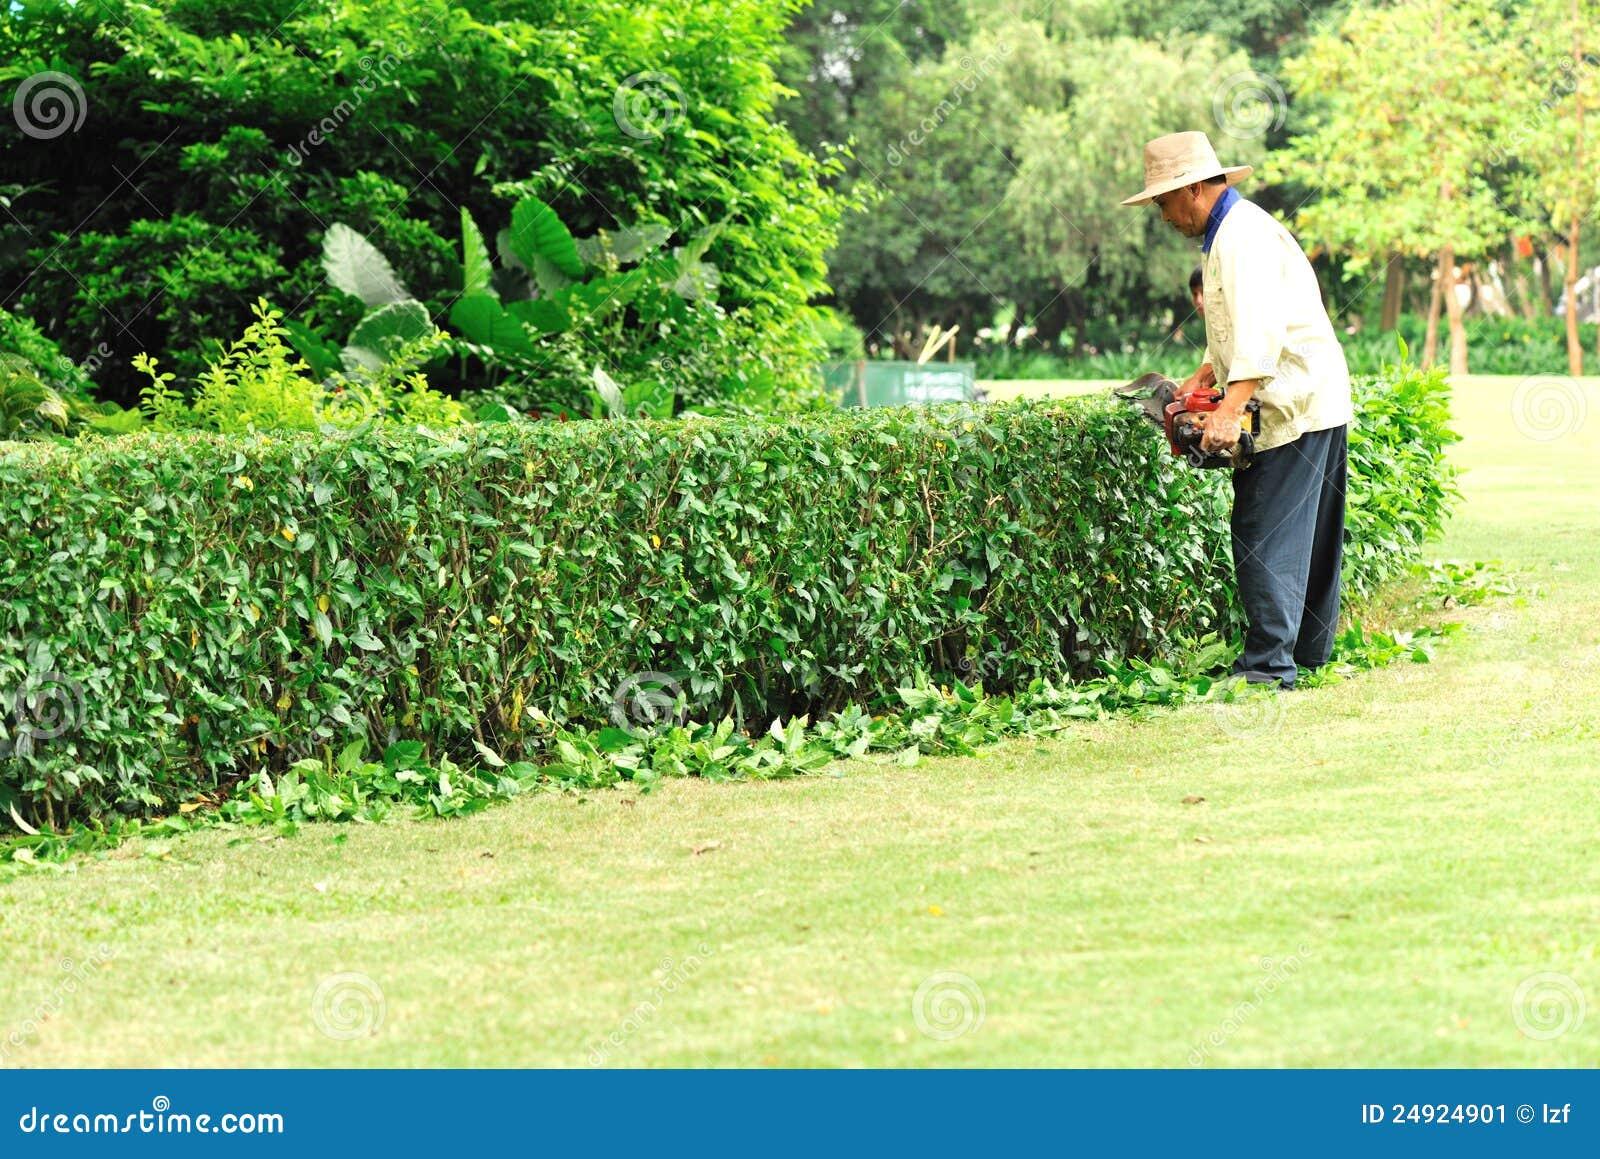 Árbol de la poda del jardinero